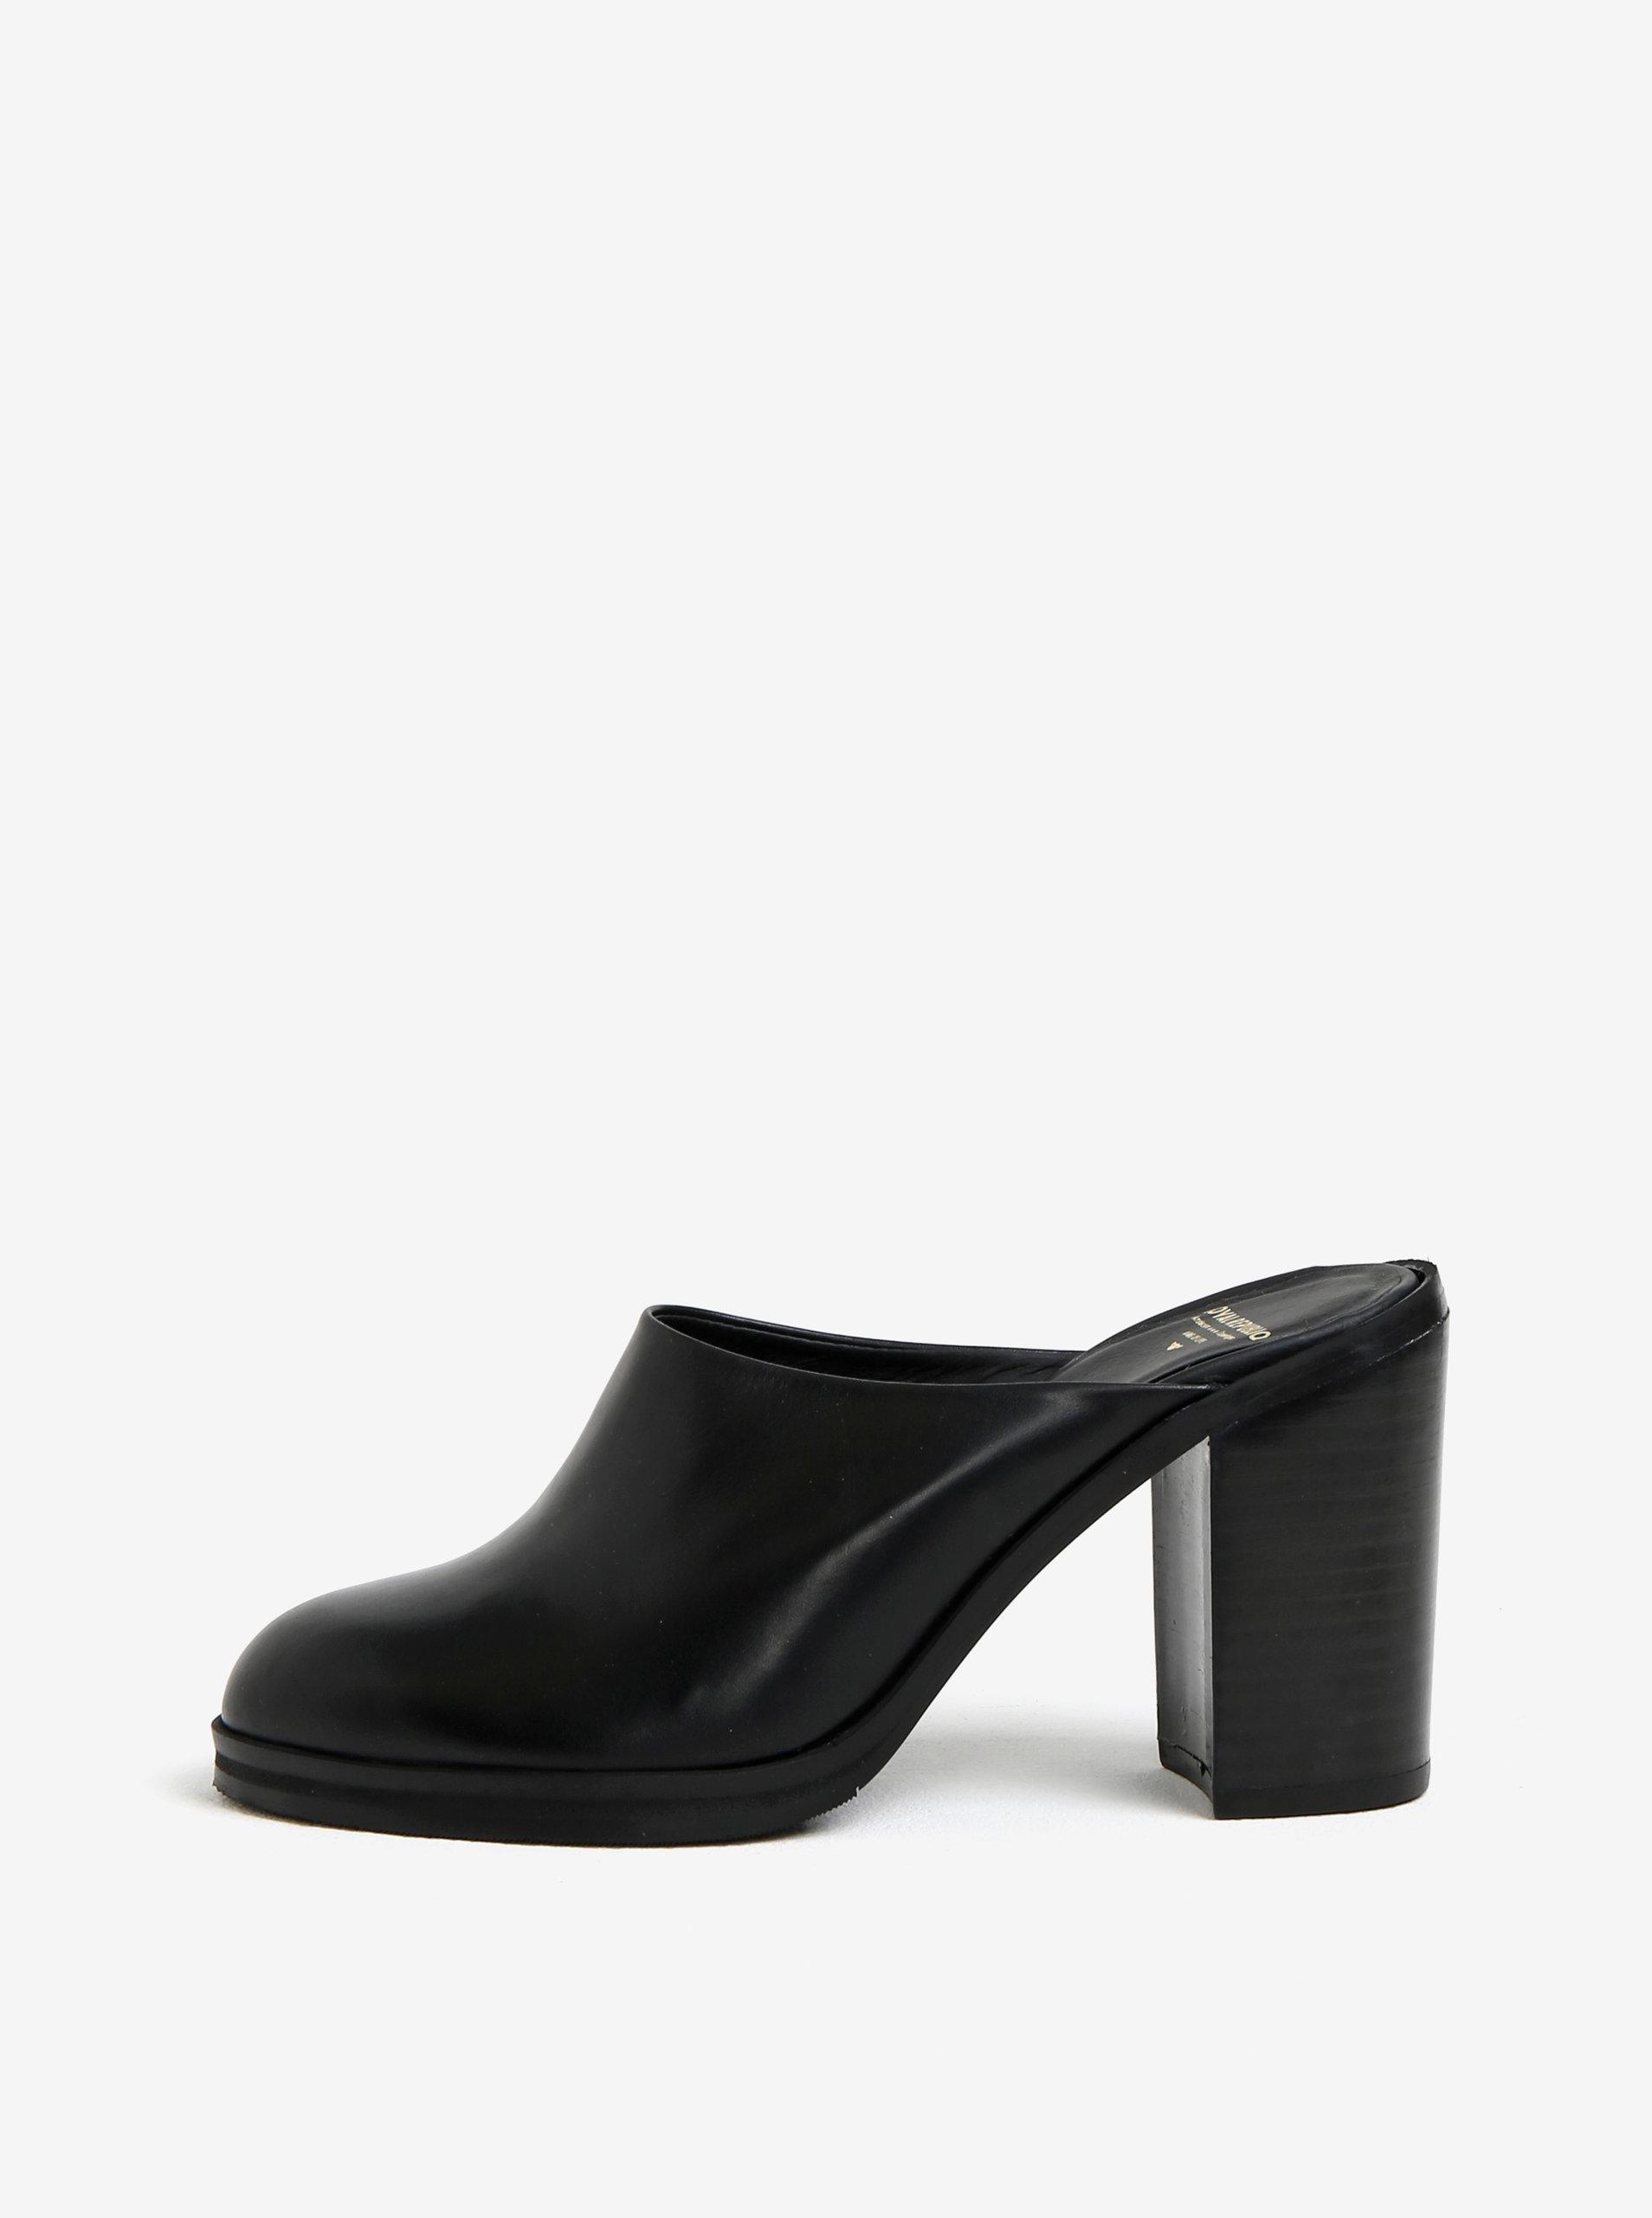 Černé dámské kožené pantofle na podpatku Royal RepubliQ ... 824cc5add3